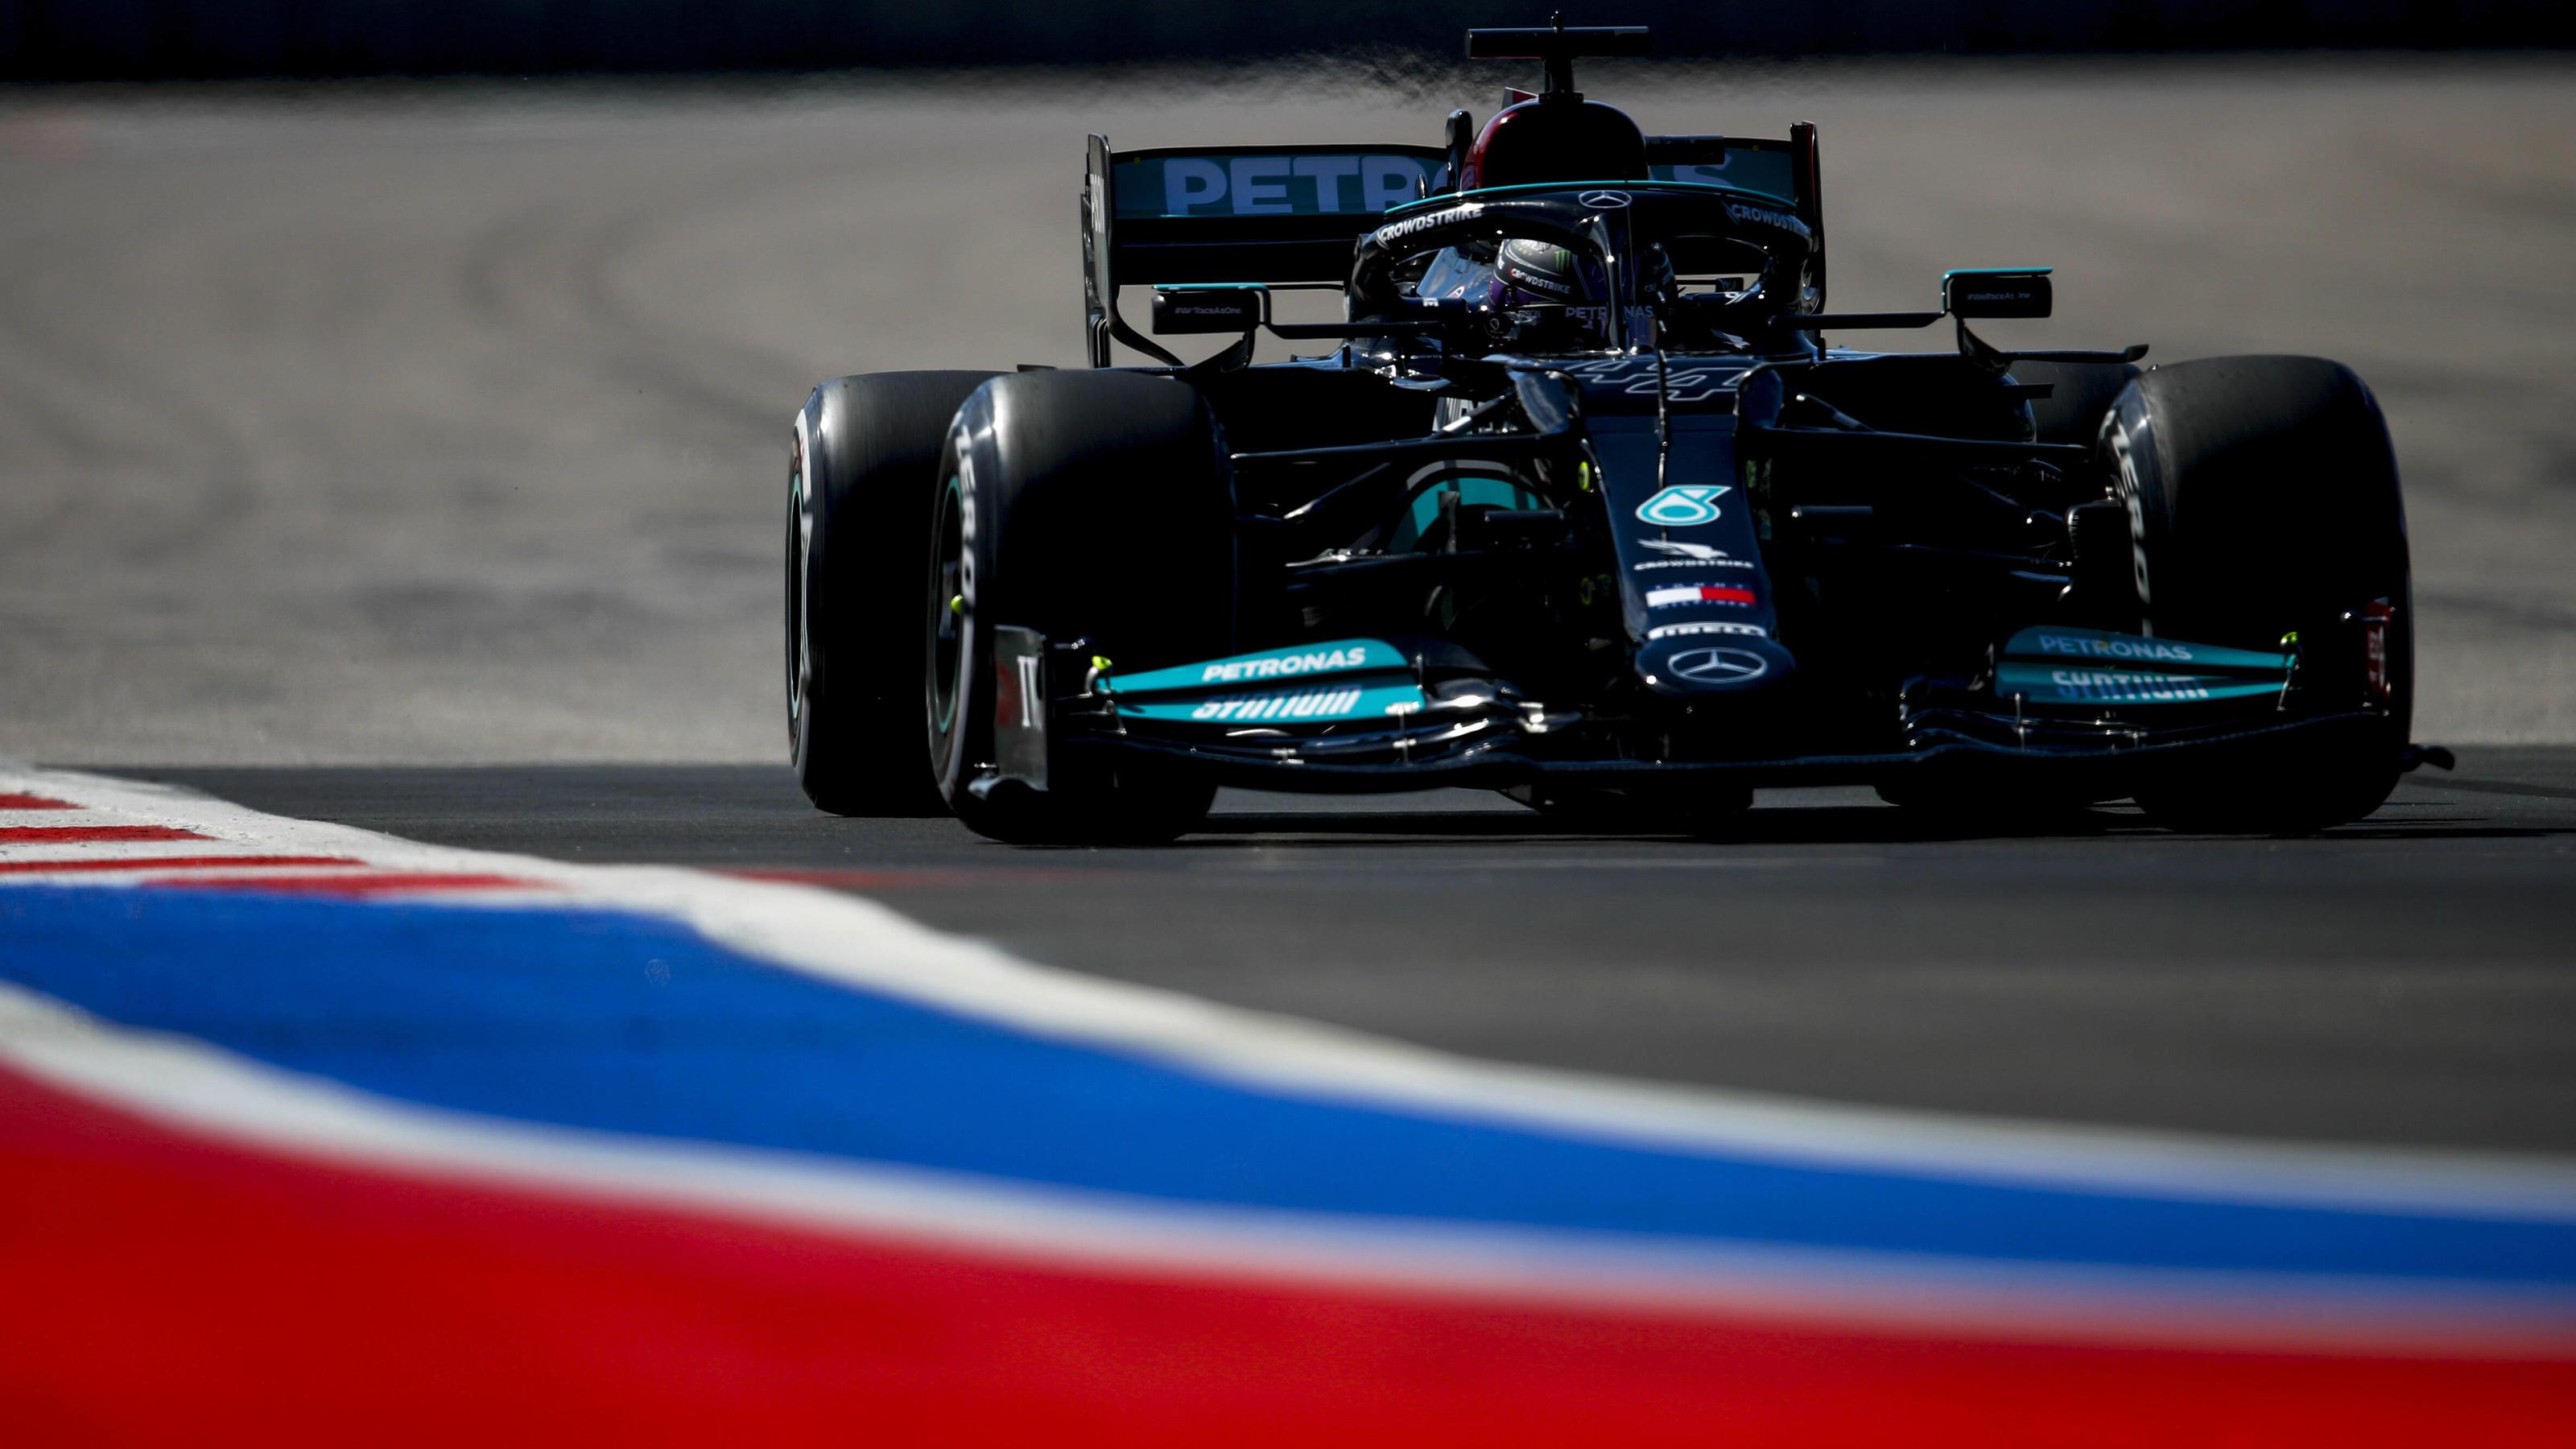 Formel 1 in Sotschi: Mercedes gibt im 1. Training den Ton an - aber Max Verstappen nah dran